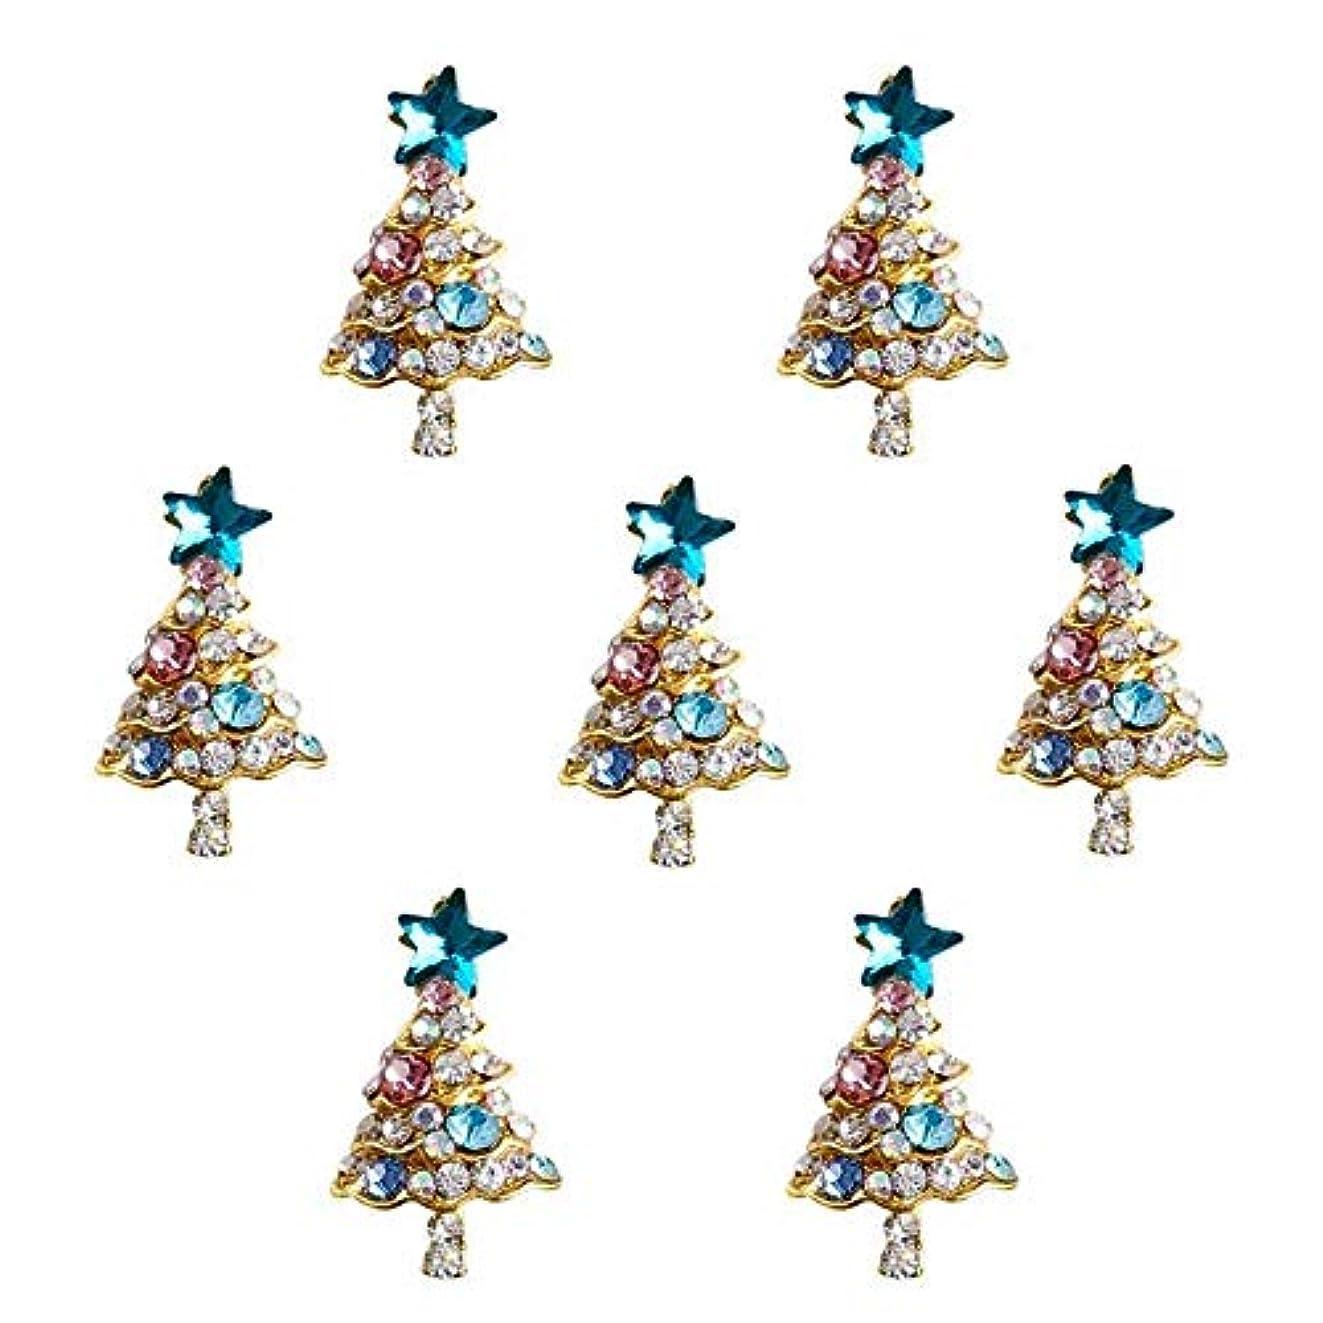 第五クマノミショット10個入り/ロット3Dラインストーンの装飾ブルーグリッタースタークリスマスツリーのデザイン接着剤ネイルアートDIYスタッドは、合金用品